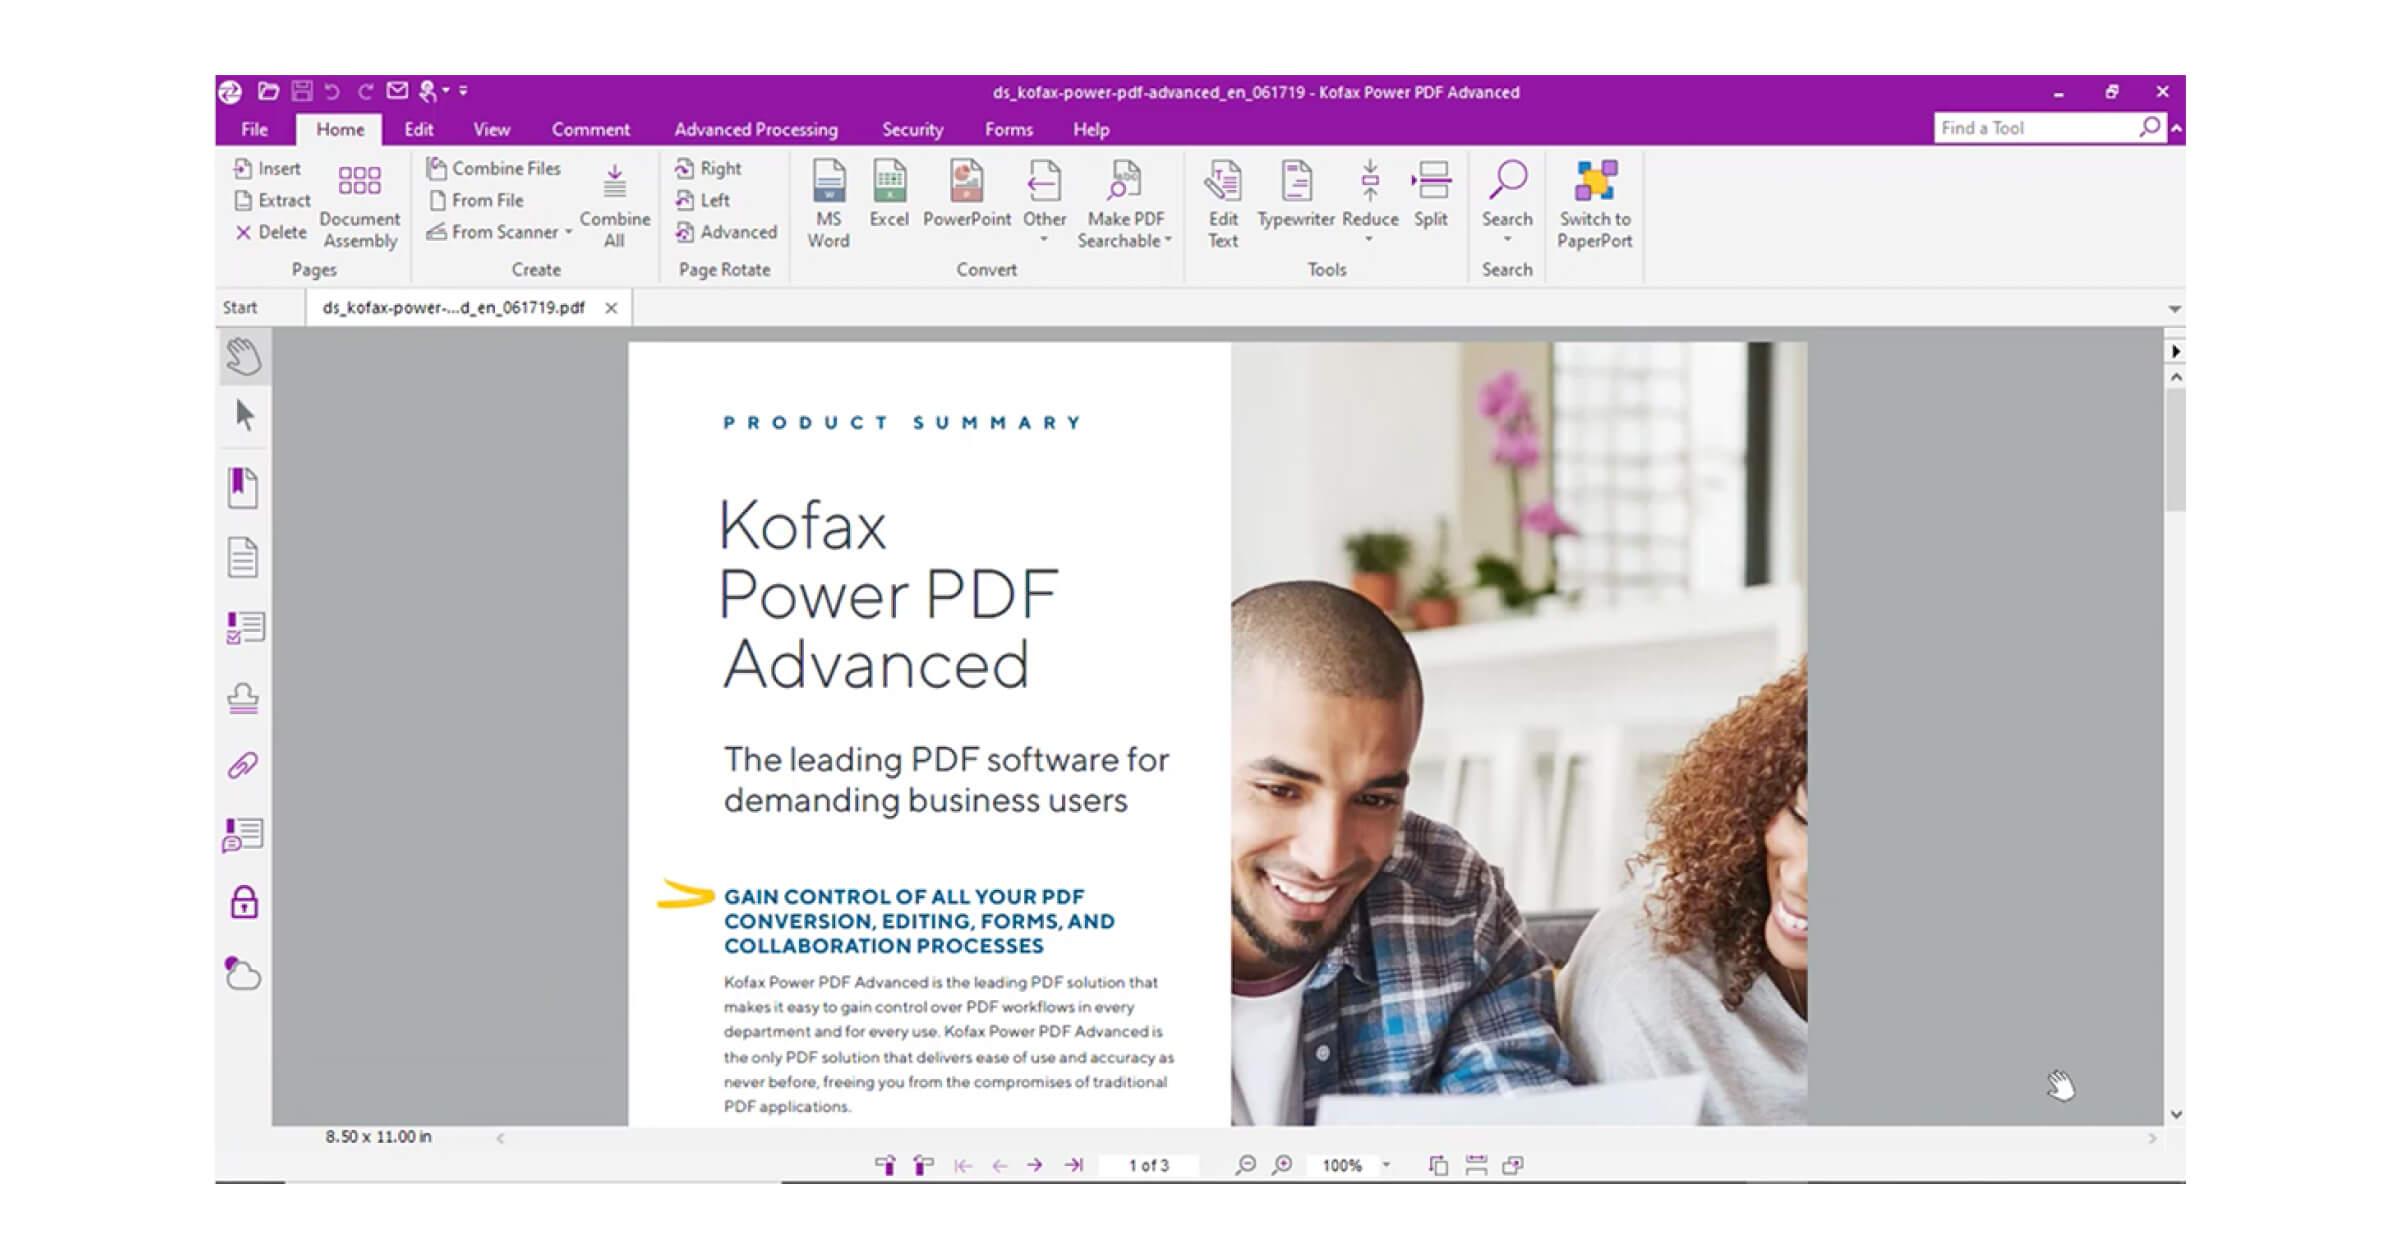 Vollends den digitalen Wandel durchführen und automatisch PDF vergleichen